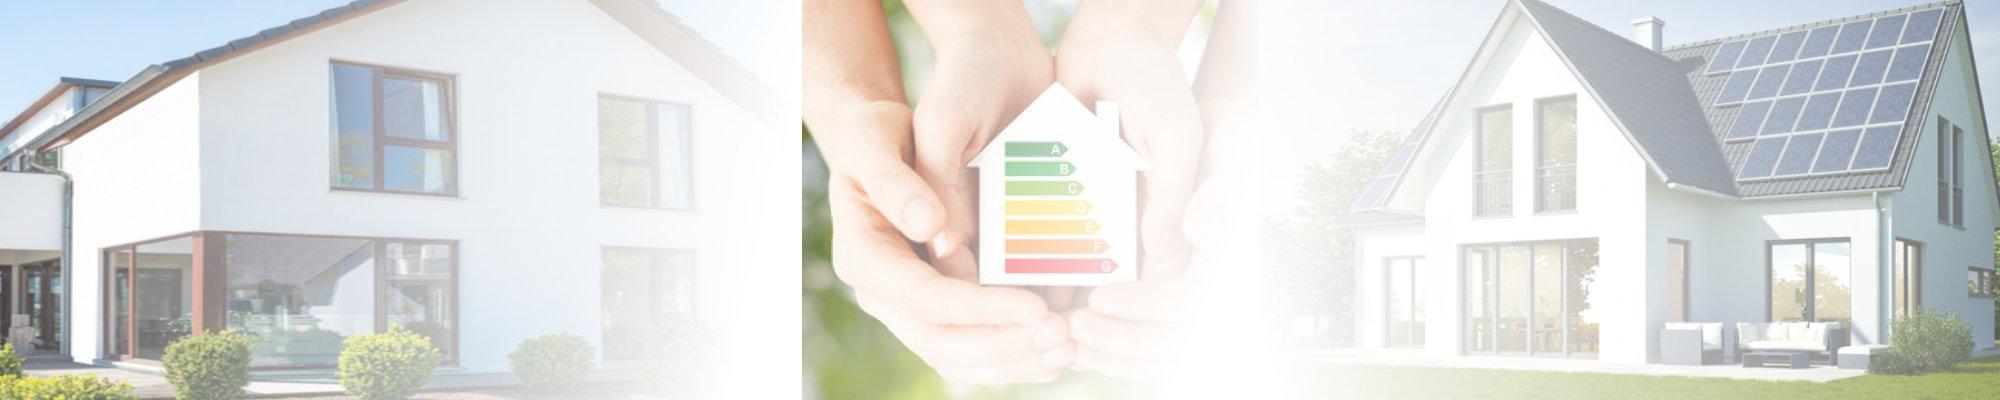 Planung Energieeffizienzhaus Sonnenhaus und Passivhaus, Energieberater, Luftdichtheitsmessung, Blower Door Messung Hof, Nürnberg Erlangen